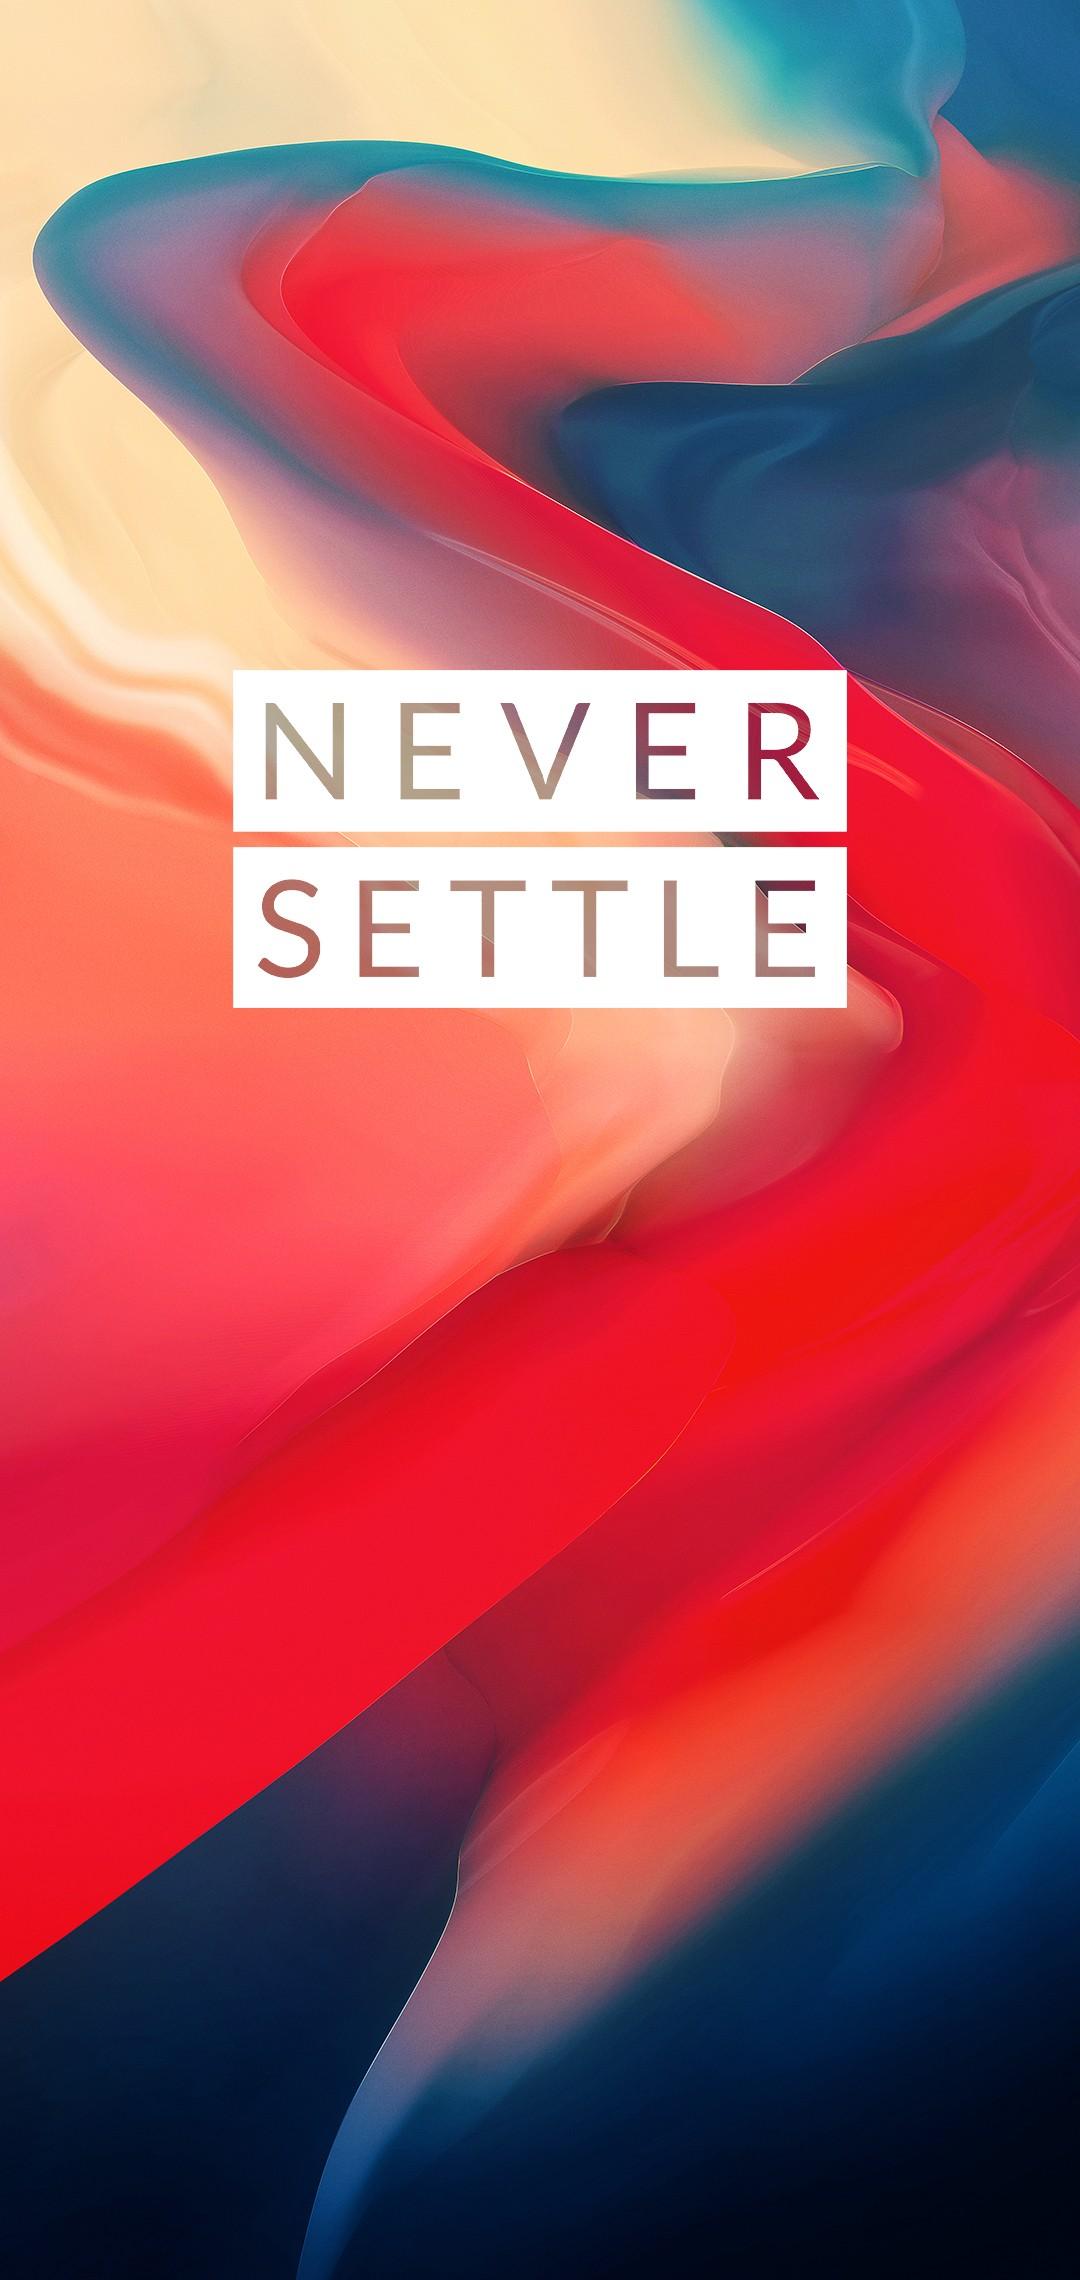 oneplus 6 never settle wallpaper 3 1080x2280